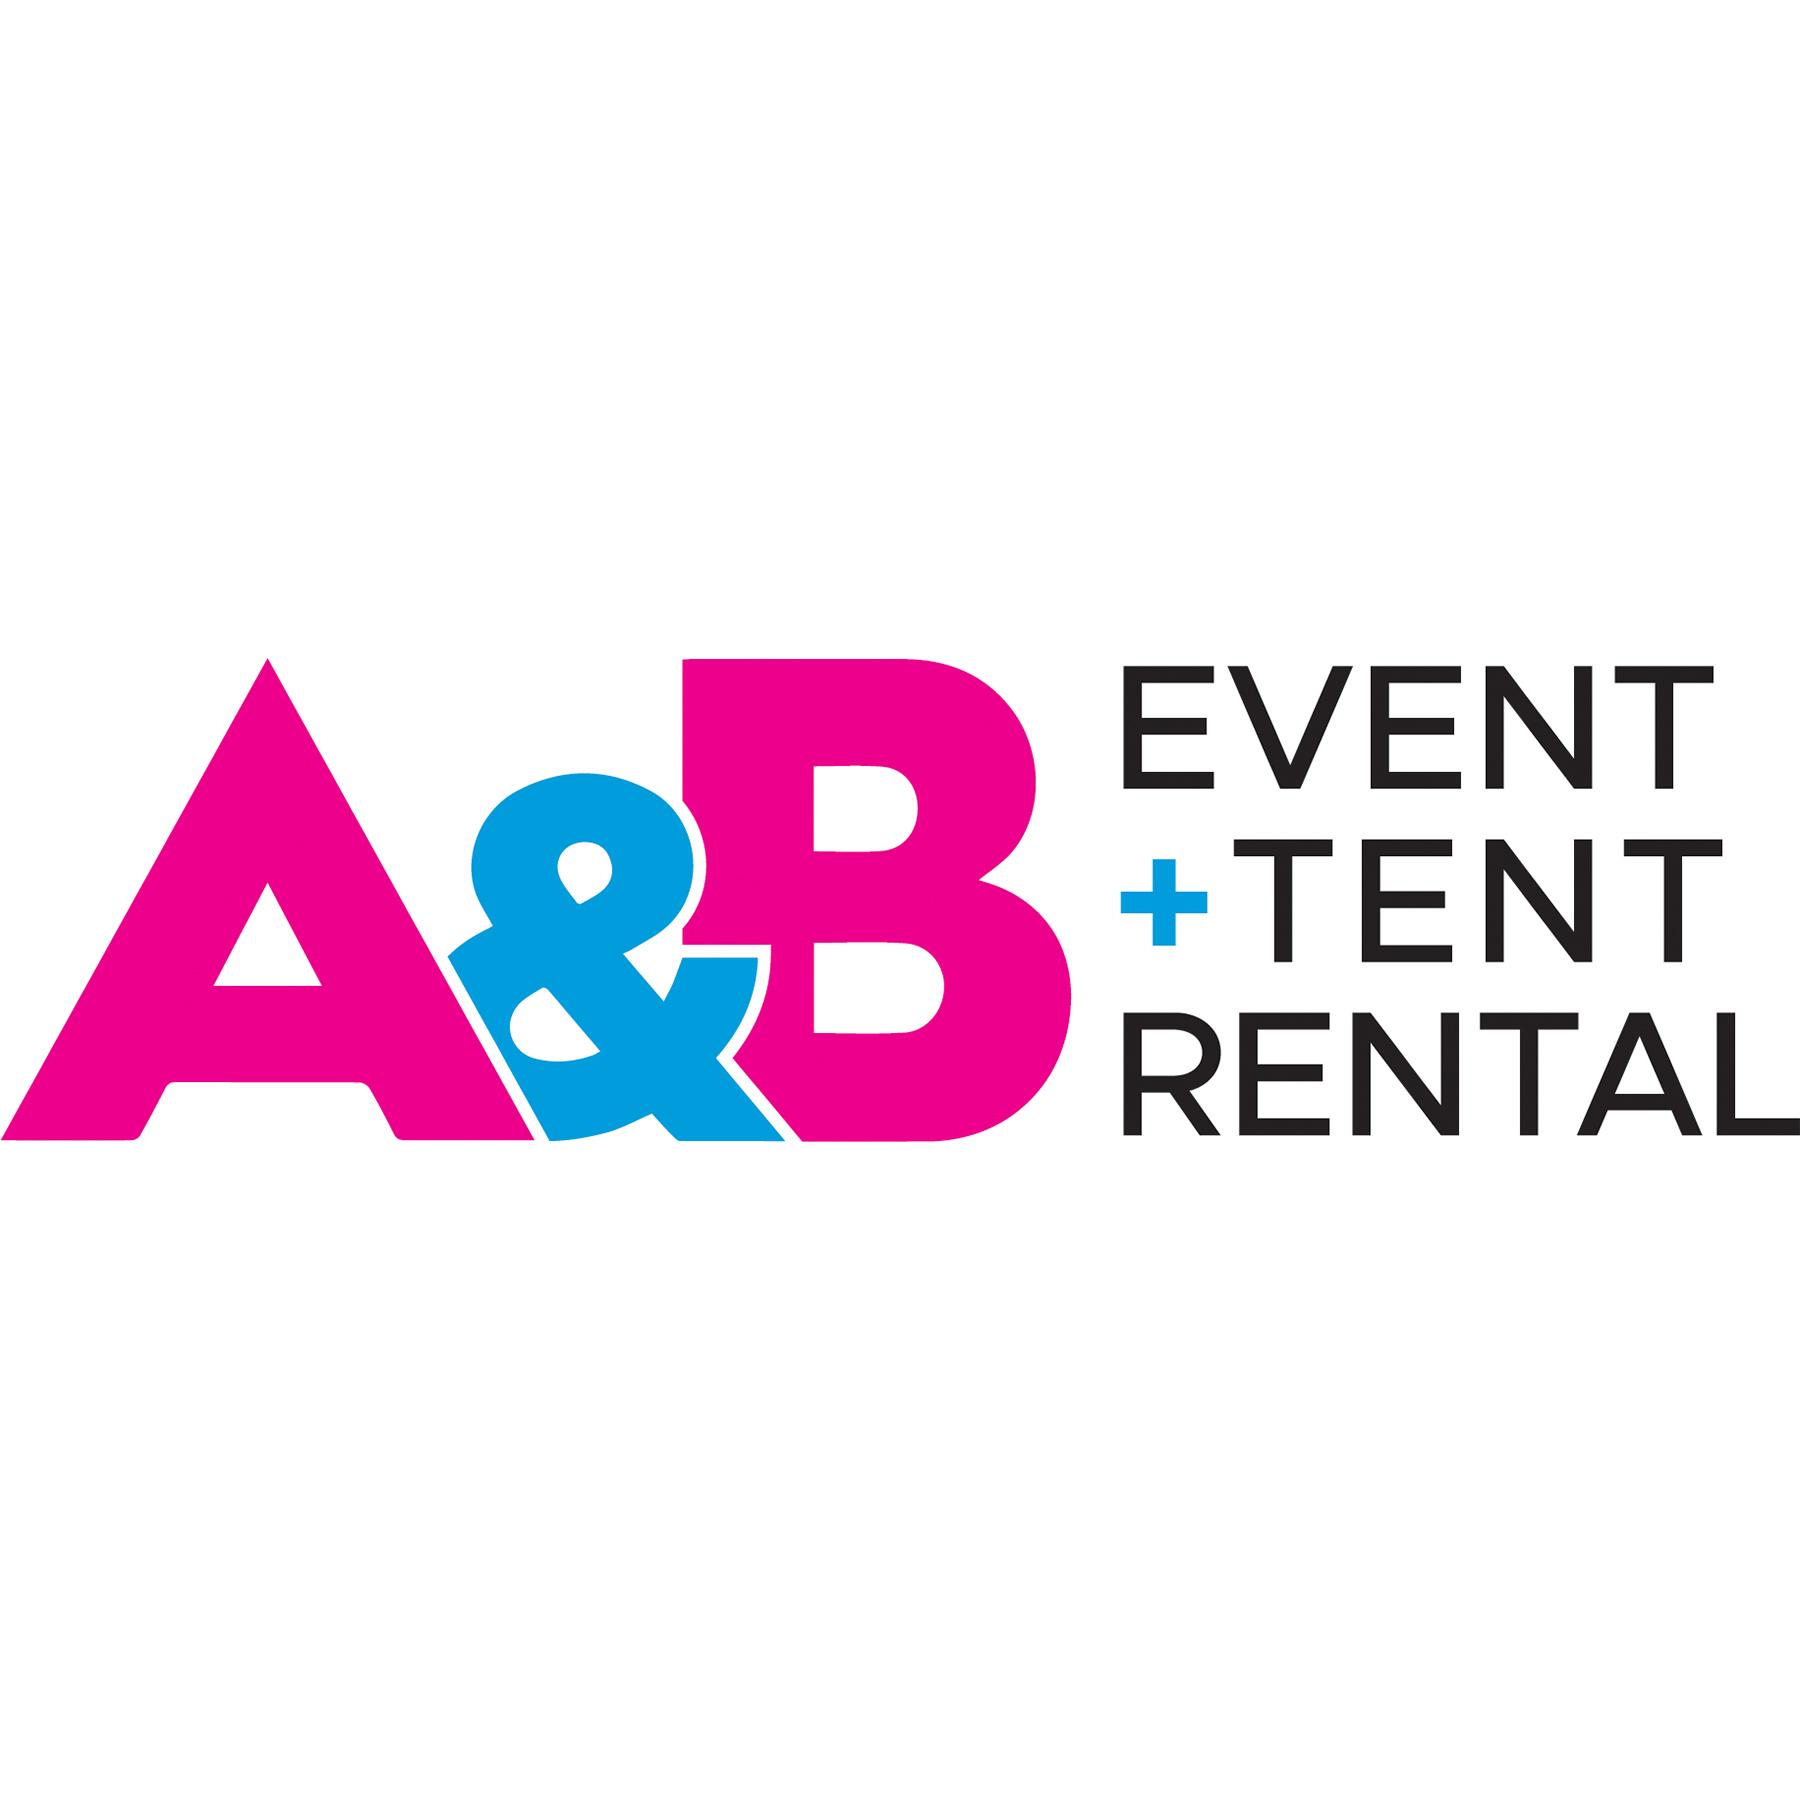 A&B Event + Tent Rental